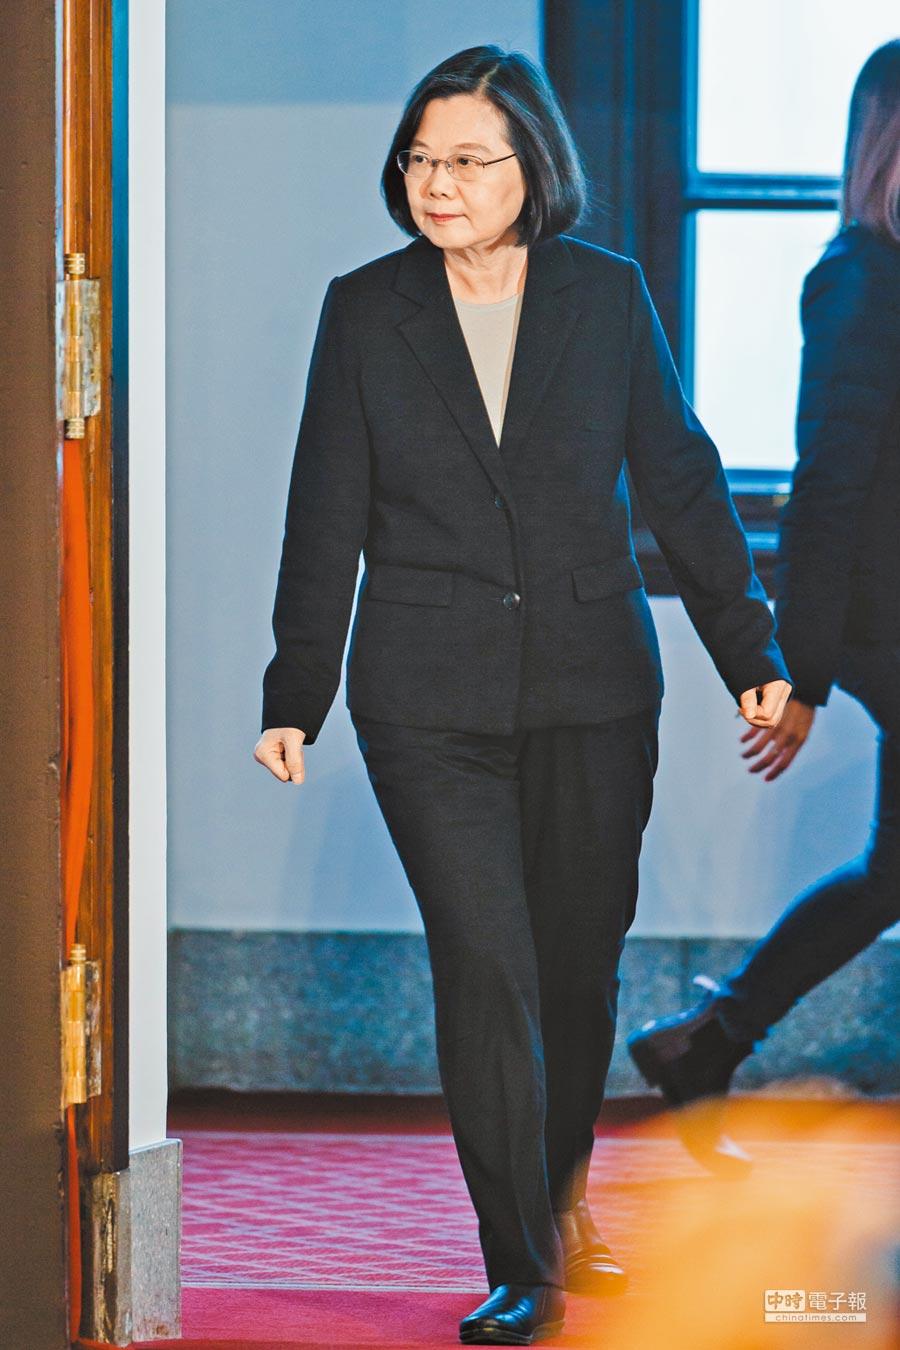 蔡英文總統2日發表談話,強調台灣絕對不會接受「一國兩制」。(本報系資料照片)